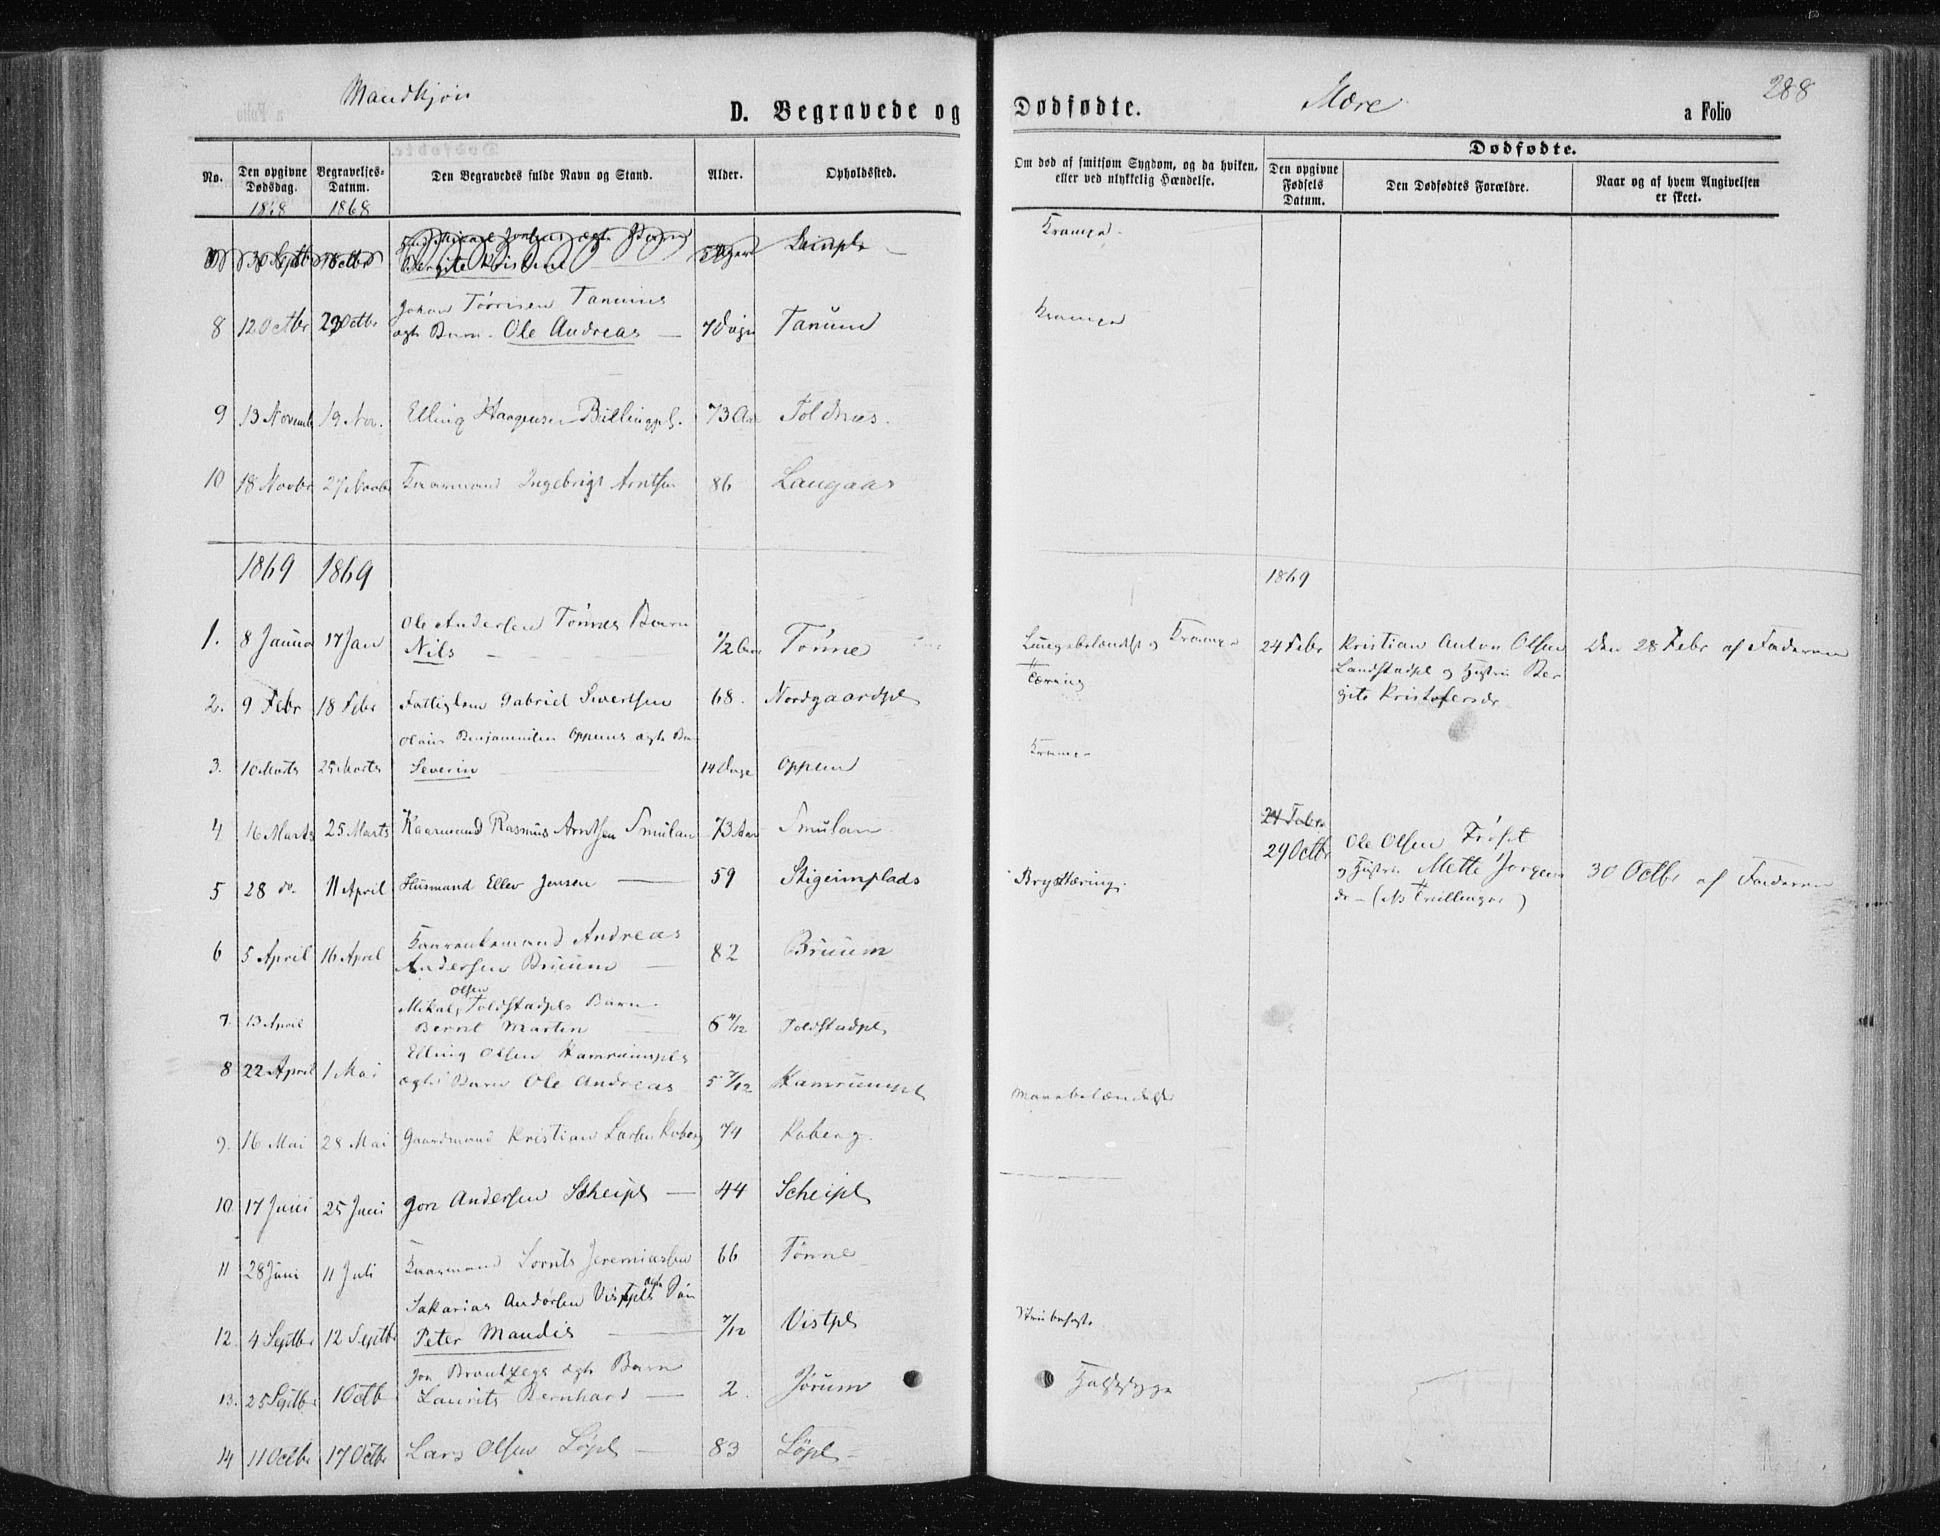 SAT, Ministerialprotokoller, klokkerbøker og fødselsregistre - Nord-Trøndelag, 735/L0345: Ministerialbok nr. 735A08 /1, 1863-1872, s. 288